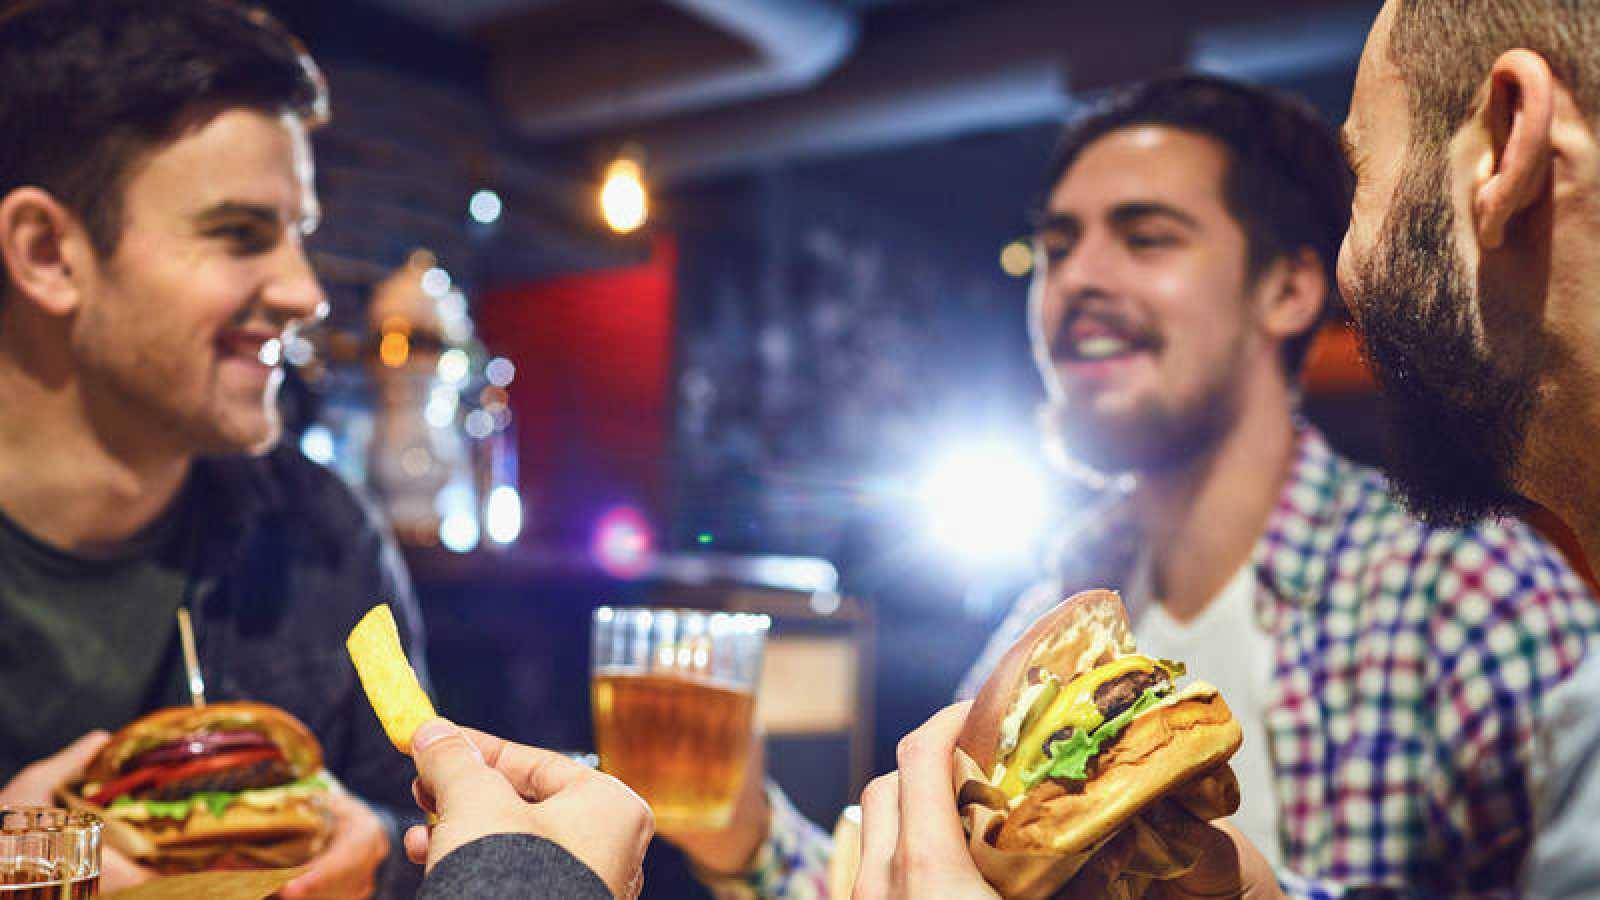 Un grupo de amigos come hamburguesas y bebe cerveza en un bar